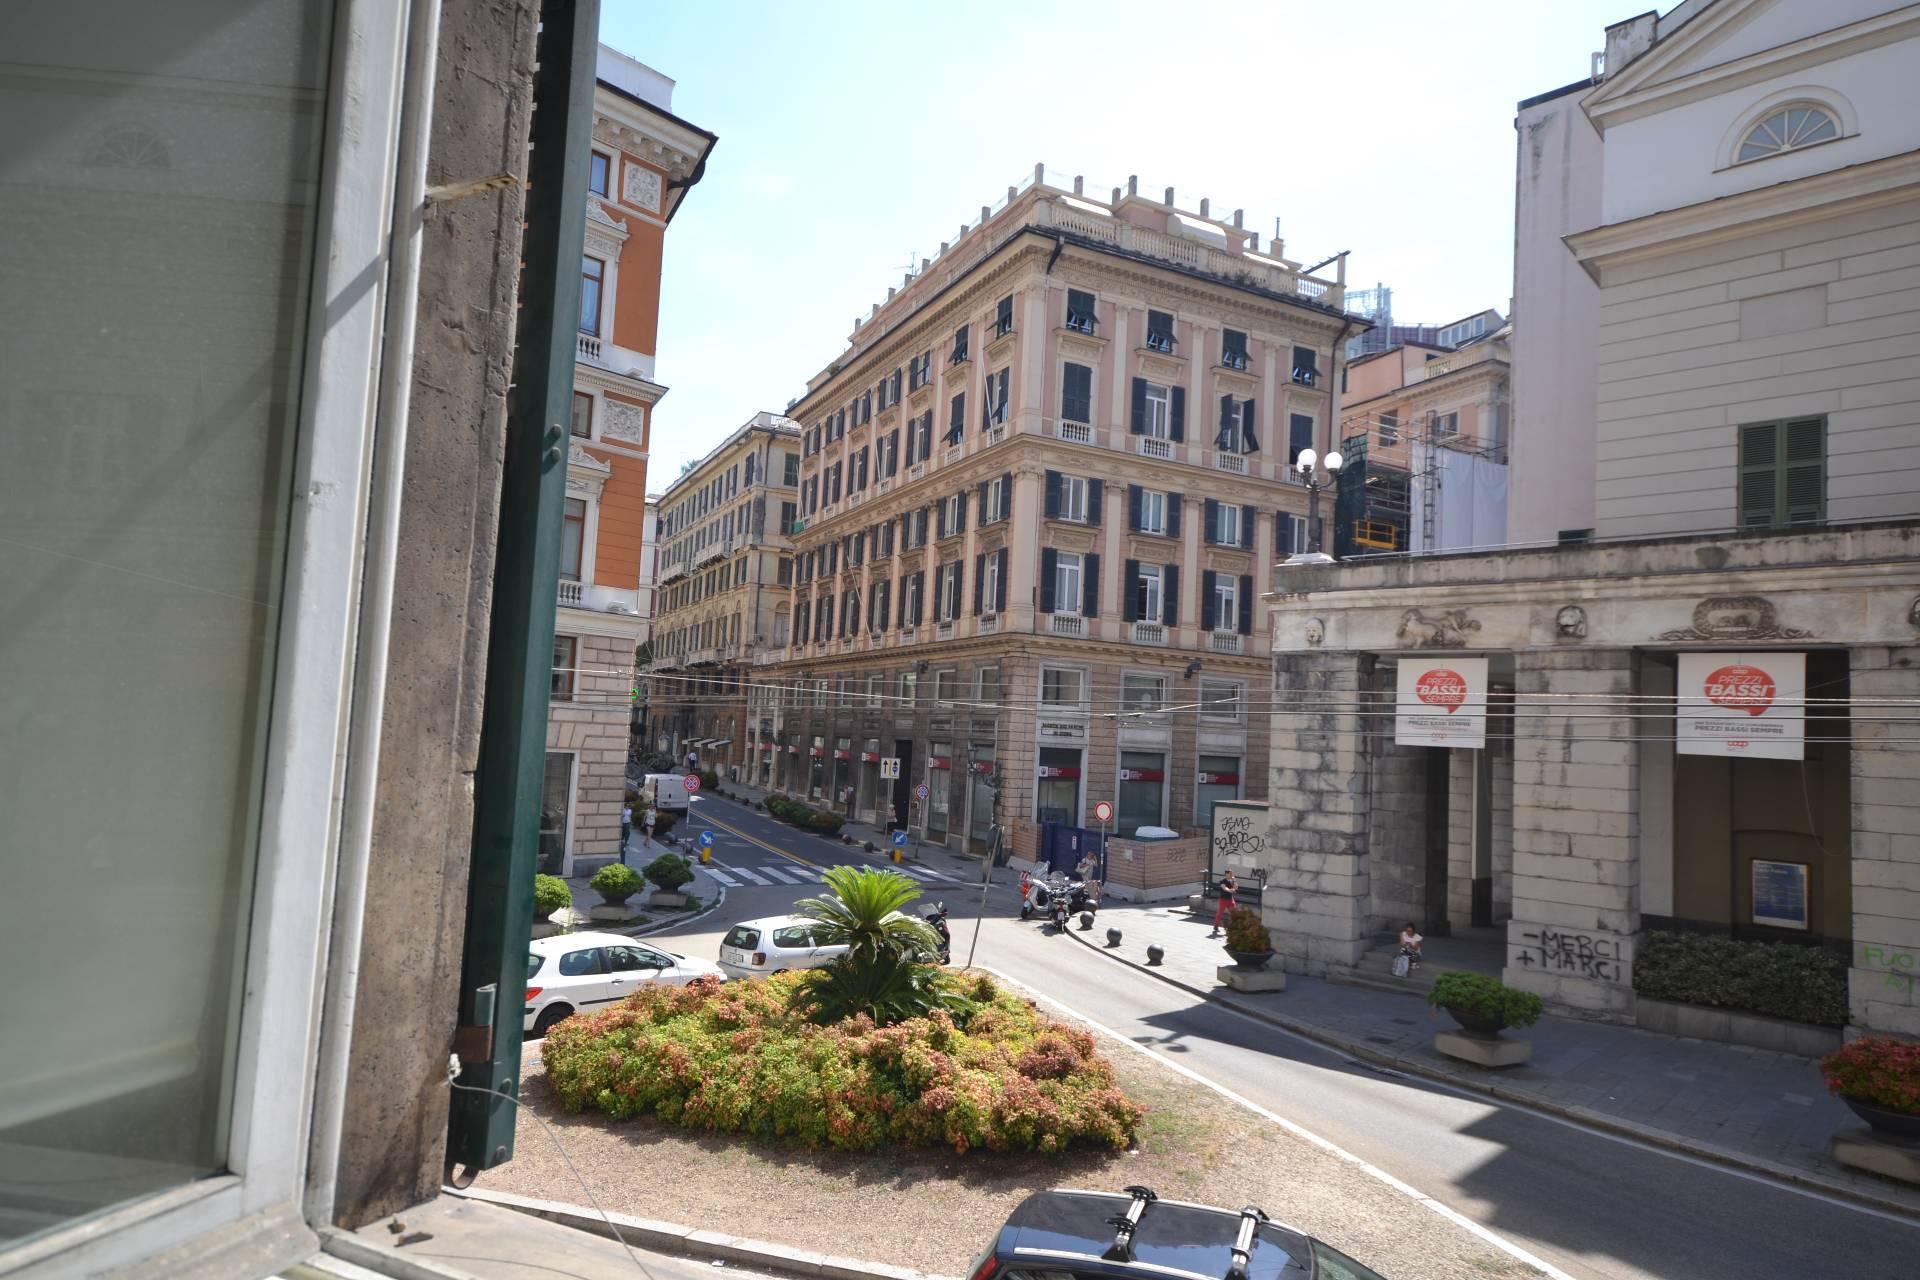 Ufficio / Studio in affitto a Genova, 9999 locali, zona Zona: 1 . Centro, Centro Storico, prezzo € 700 | CambioCasa.it